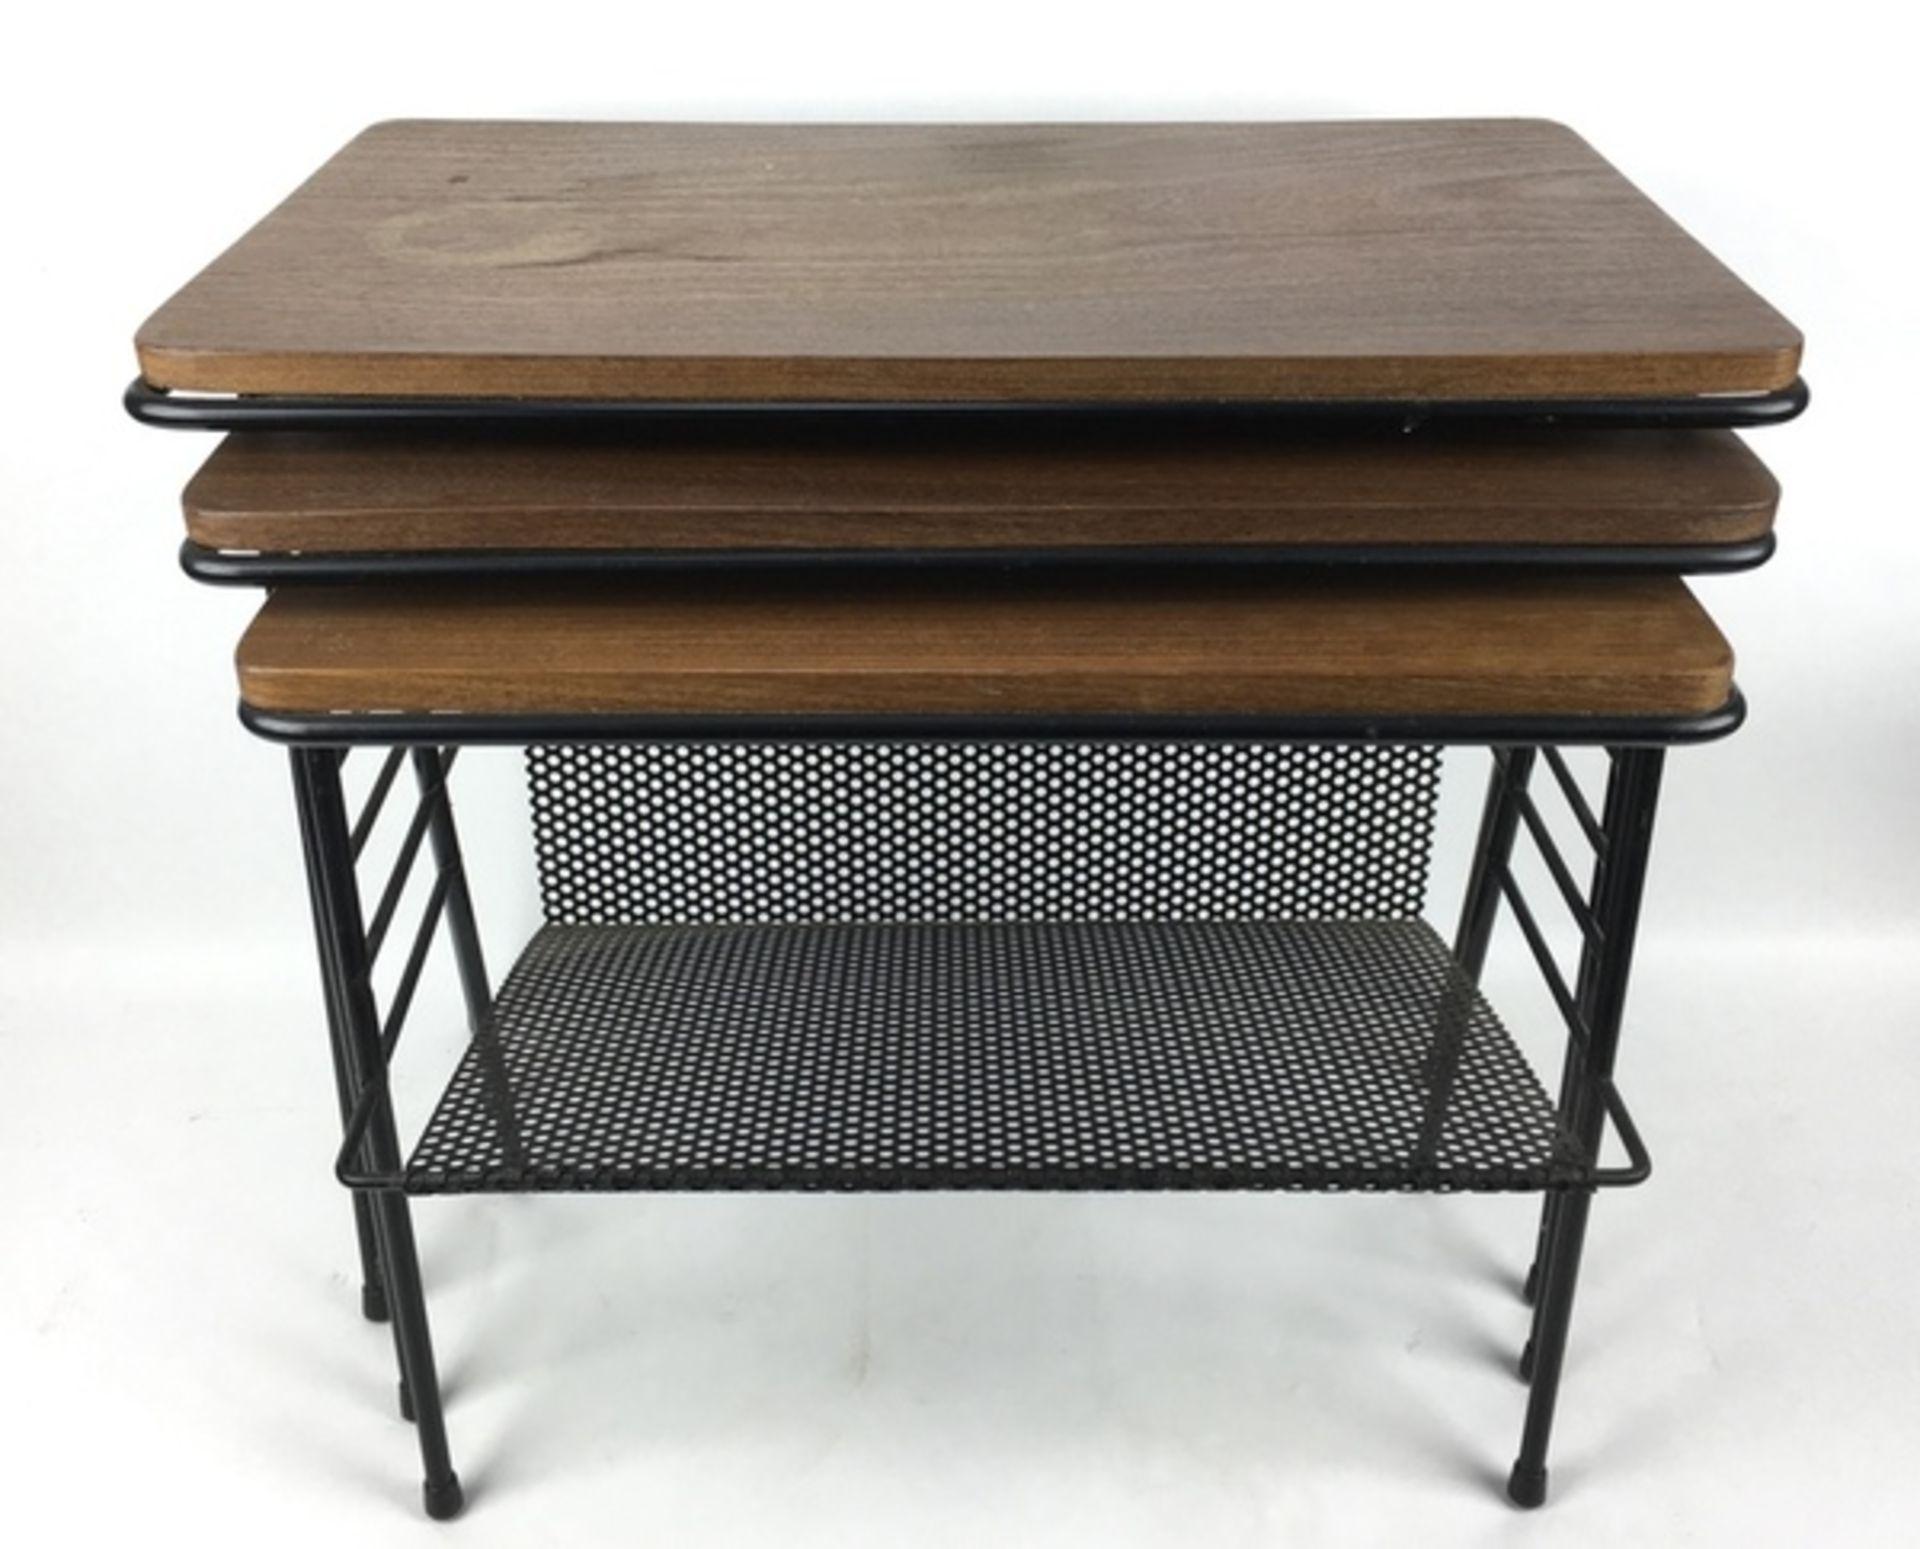 (Design) BijzettafelsSet van drie nestende bijzettafels, draad met hout. Kleinste tafel met gep - Image 3 of 3